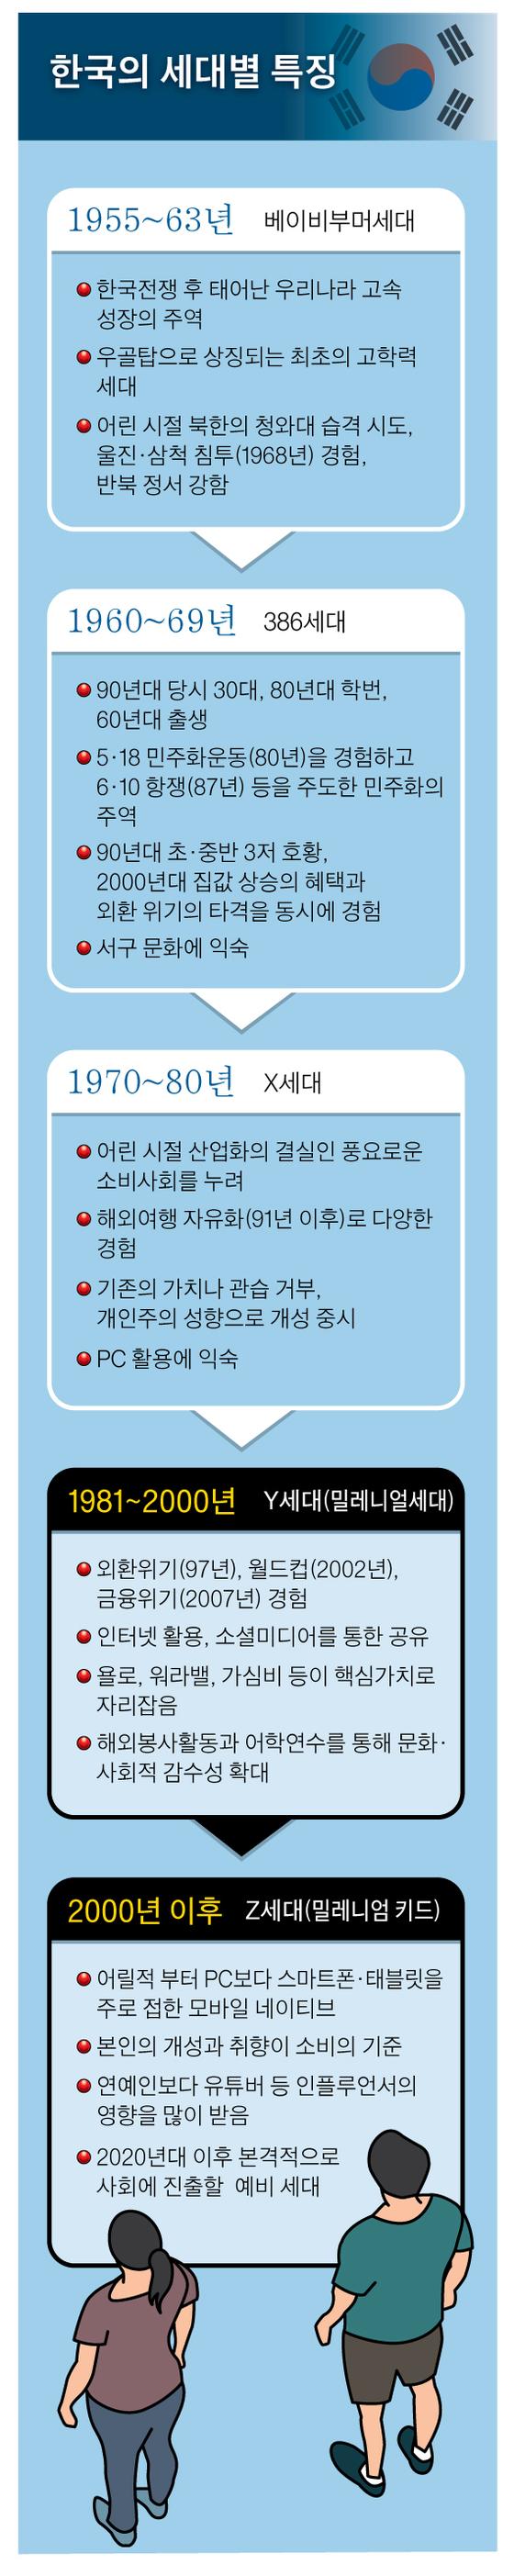 [그래픽=이은영 lee.eunyoung4@joins.co.kr]